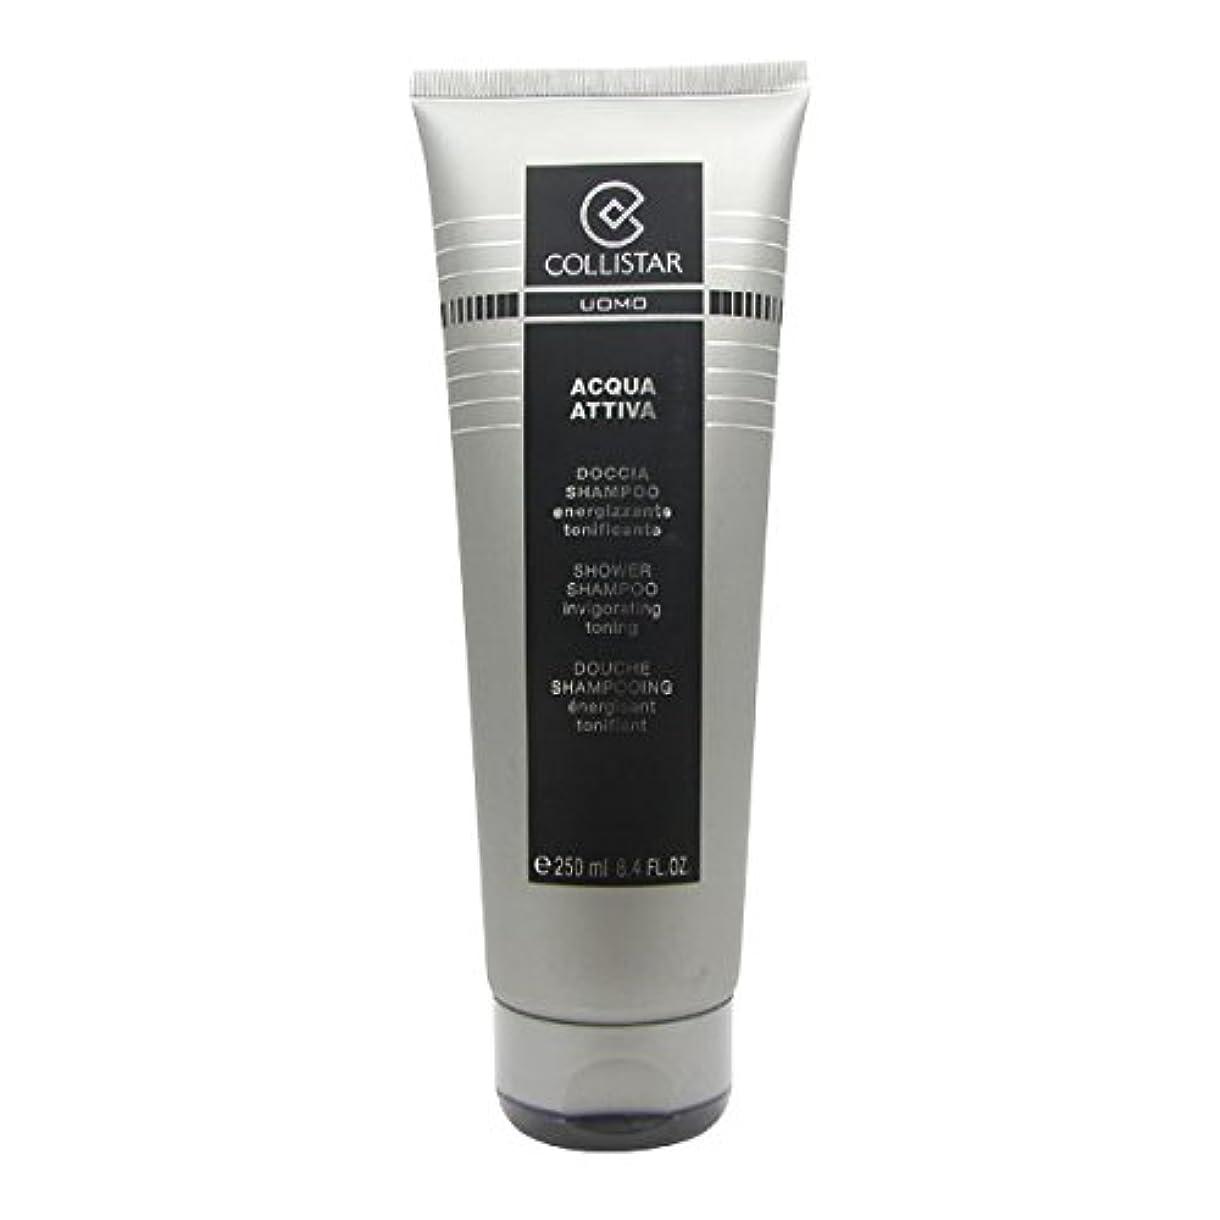 入学するクリーム素晴らしいCollistar Men Acqua Attiva Shower Shampoo 250ml [並行輸入品]